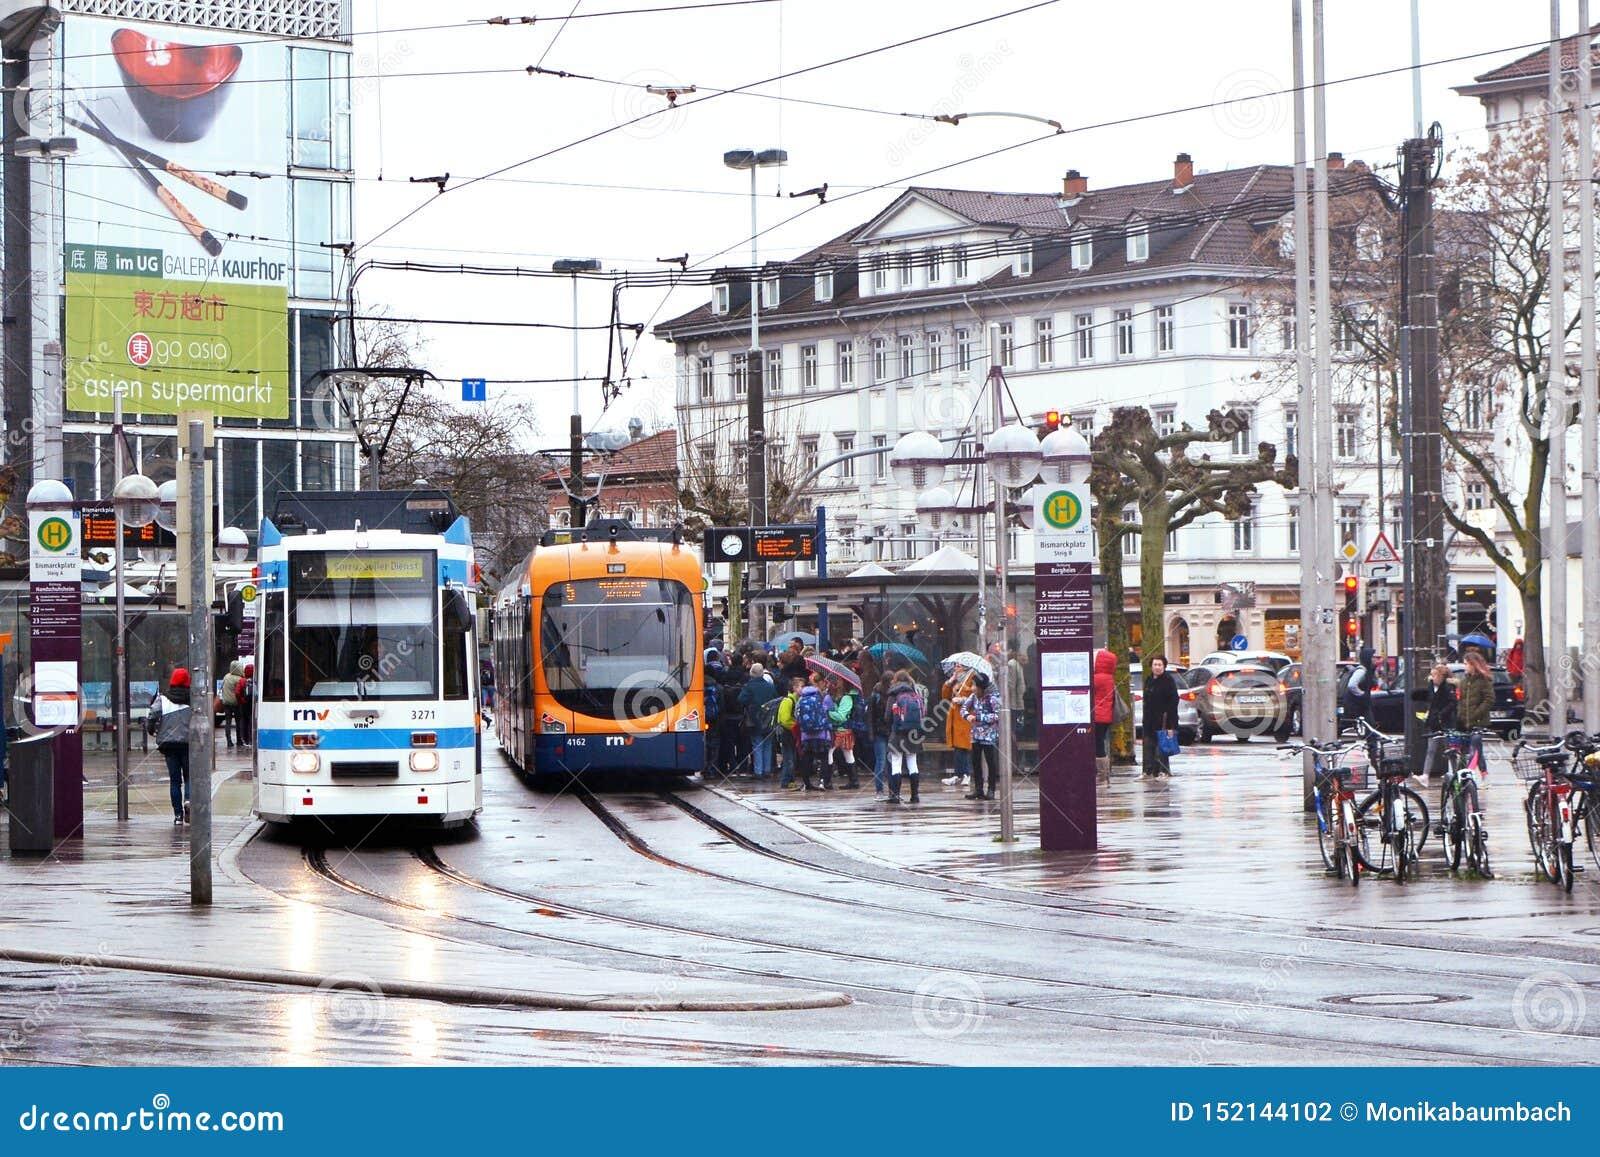 """""""Bismarkplatz chiamato centro città con la ferrovia della città e la giunzione del bus con molta gente un giorno piovoso"""